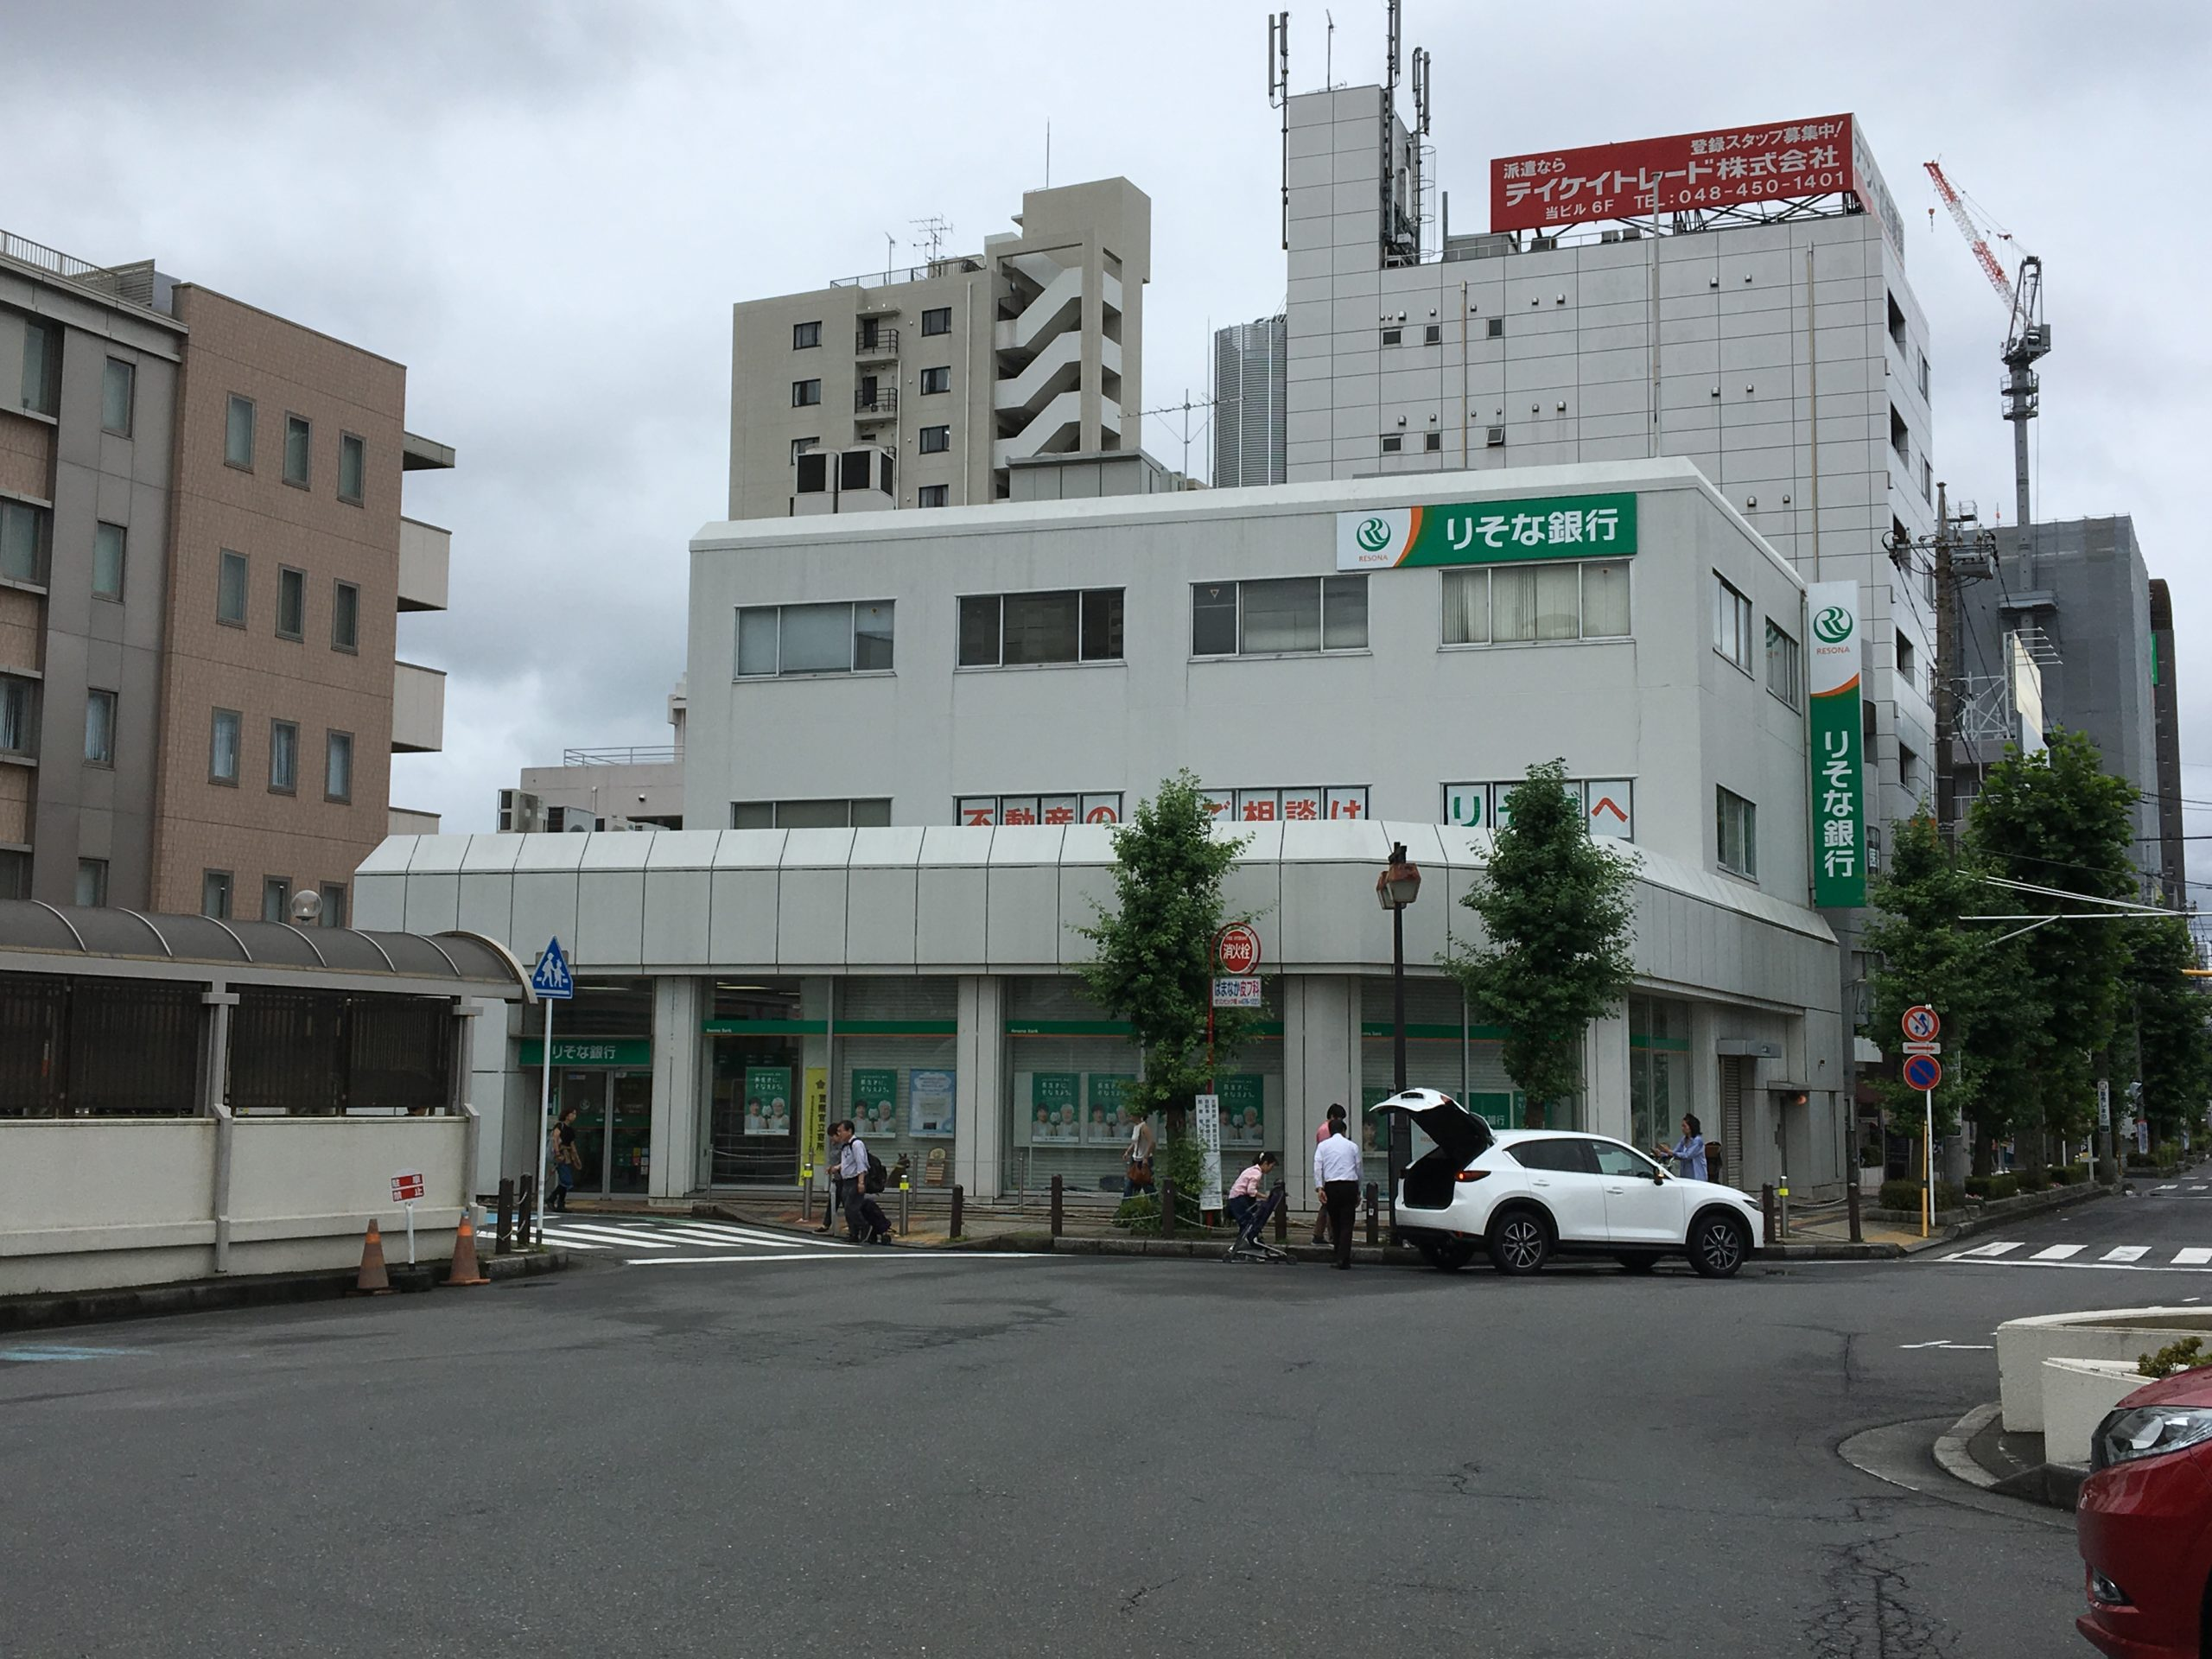 銀行 支店 本庄 りそな 埼玉